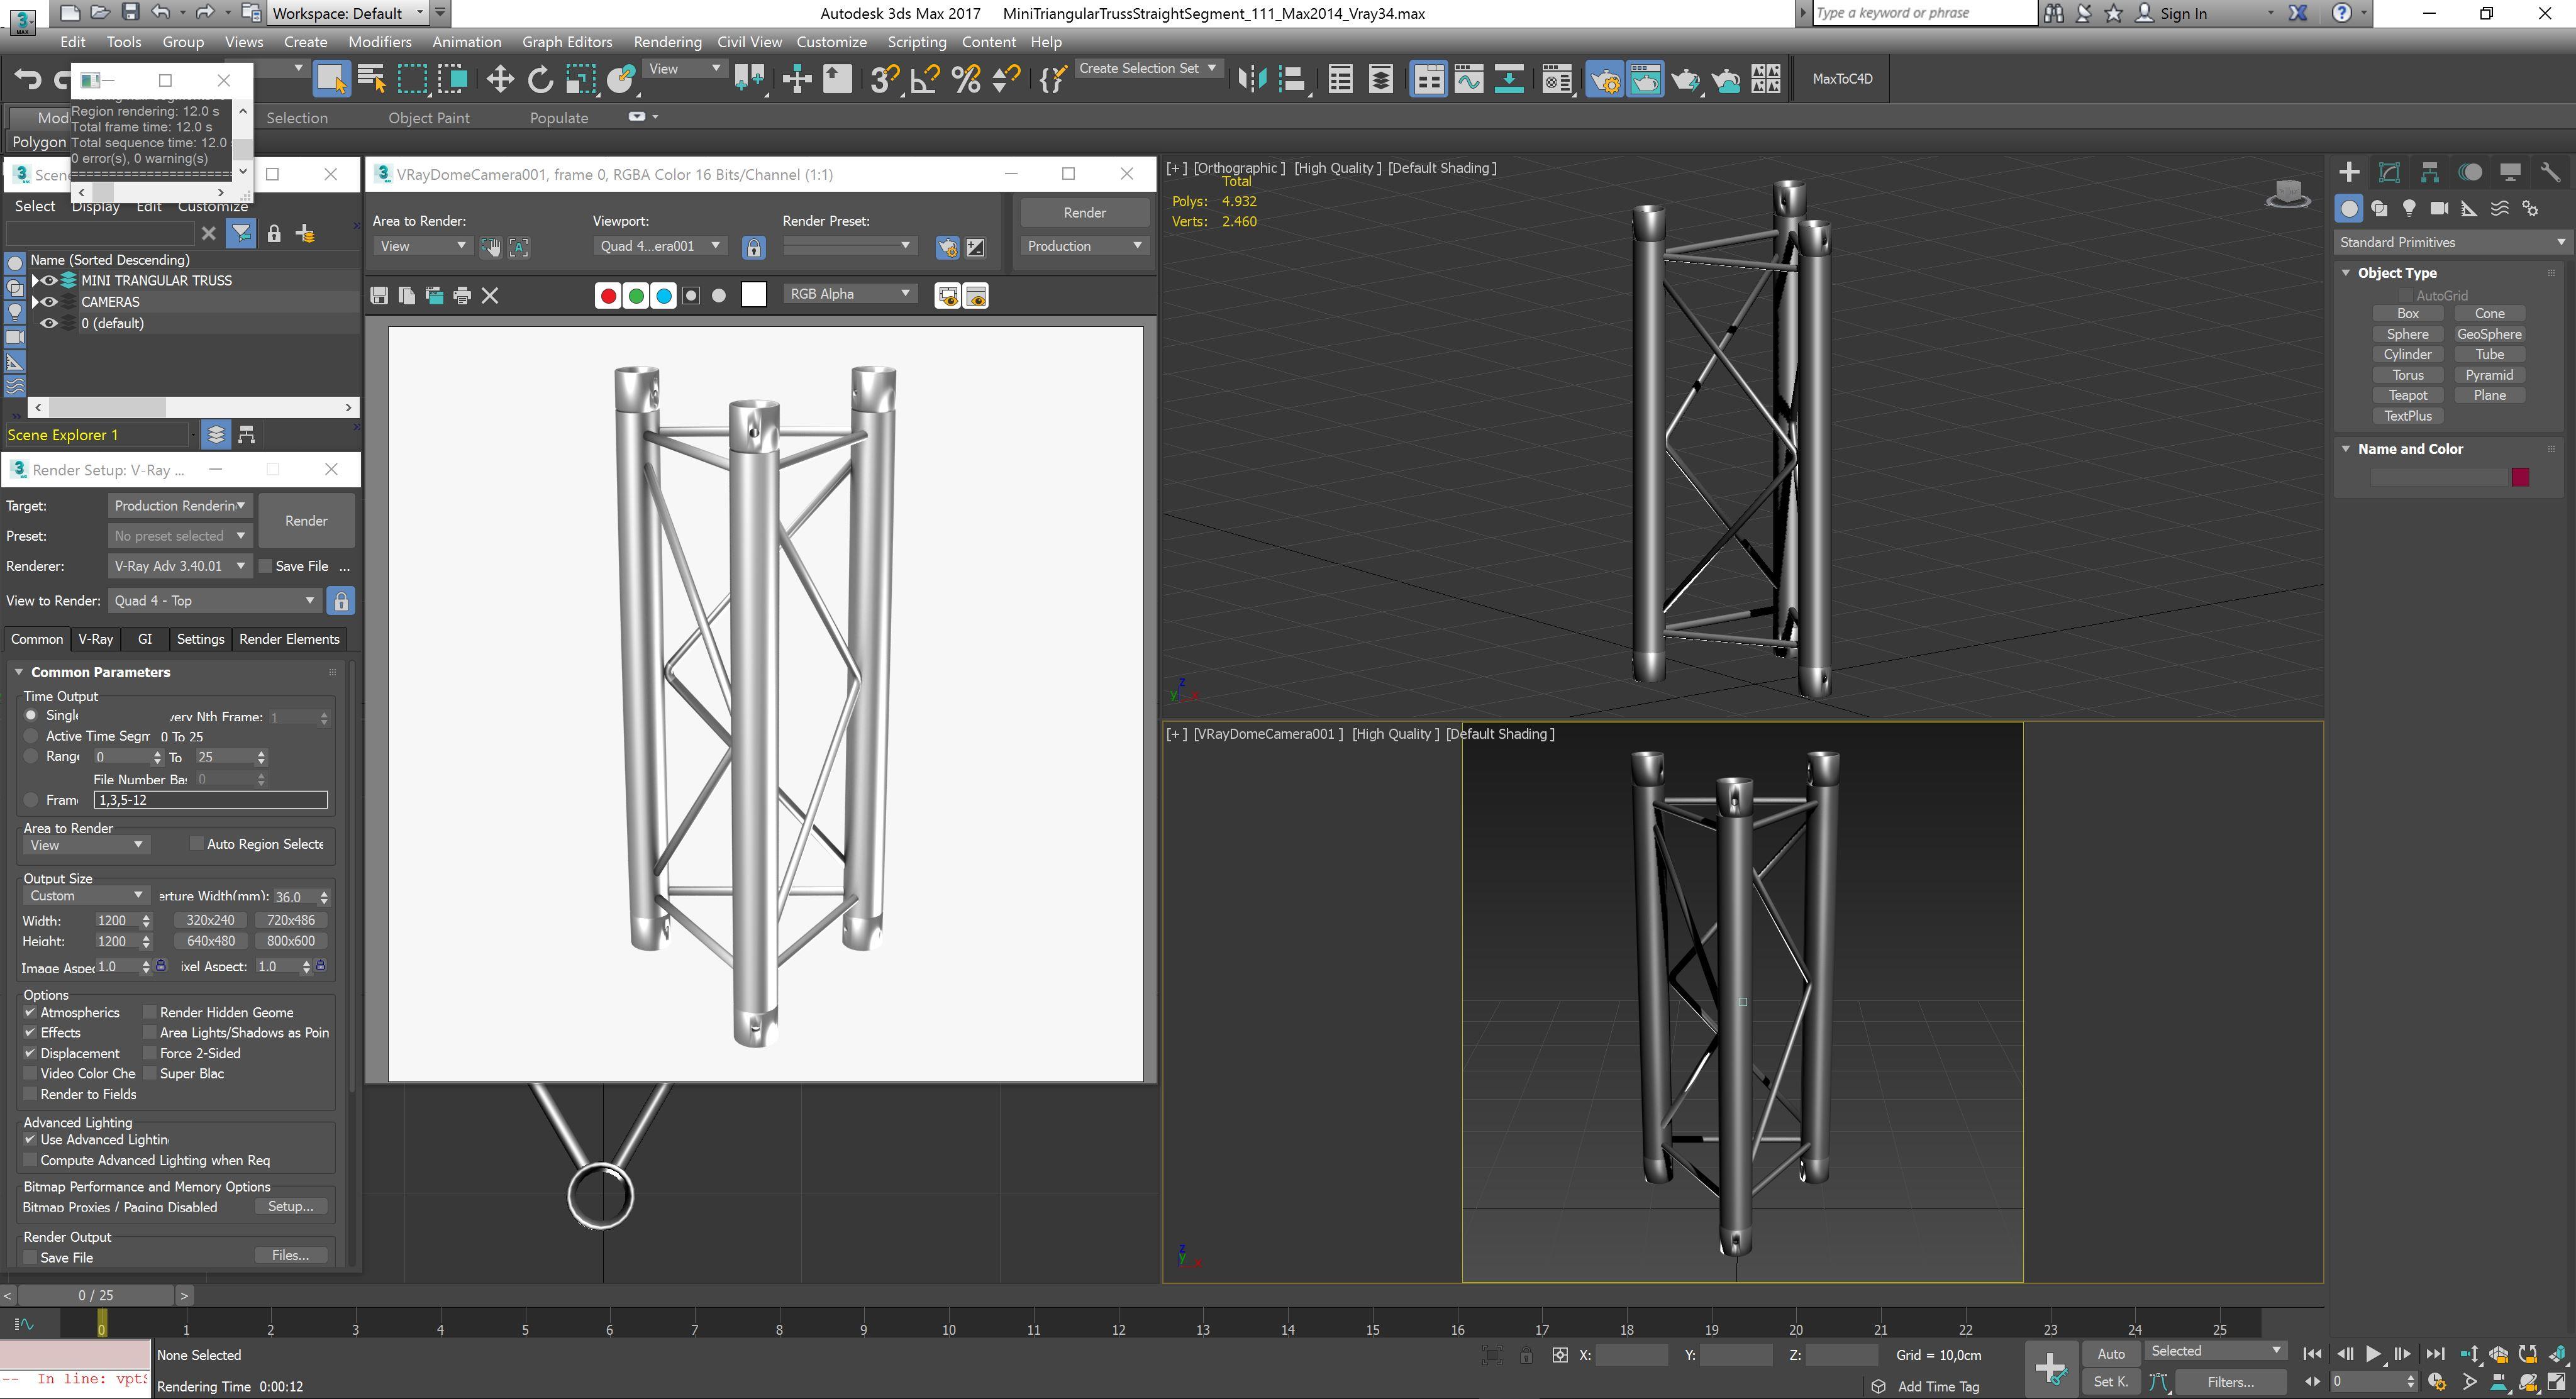 mini triangular truss straight segment 111 3d model 3ds max dxf fbx c4d  obj other 268883